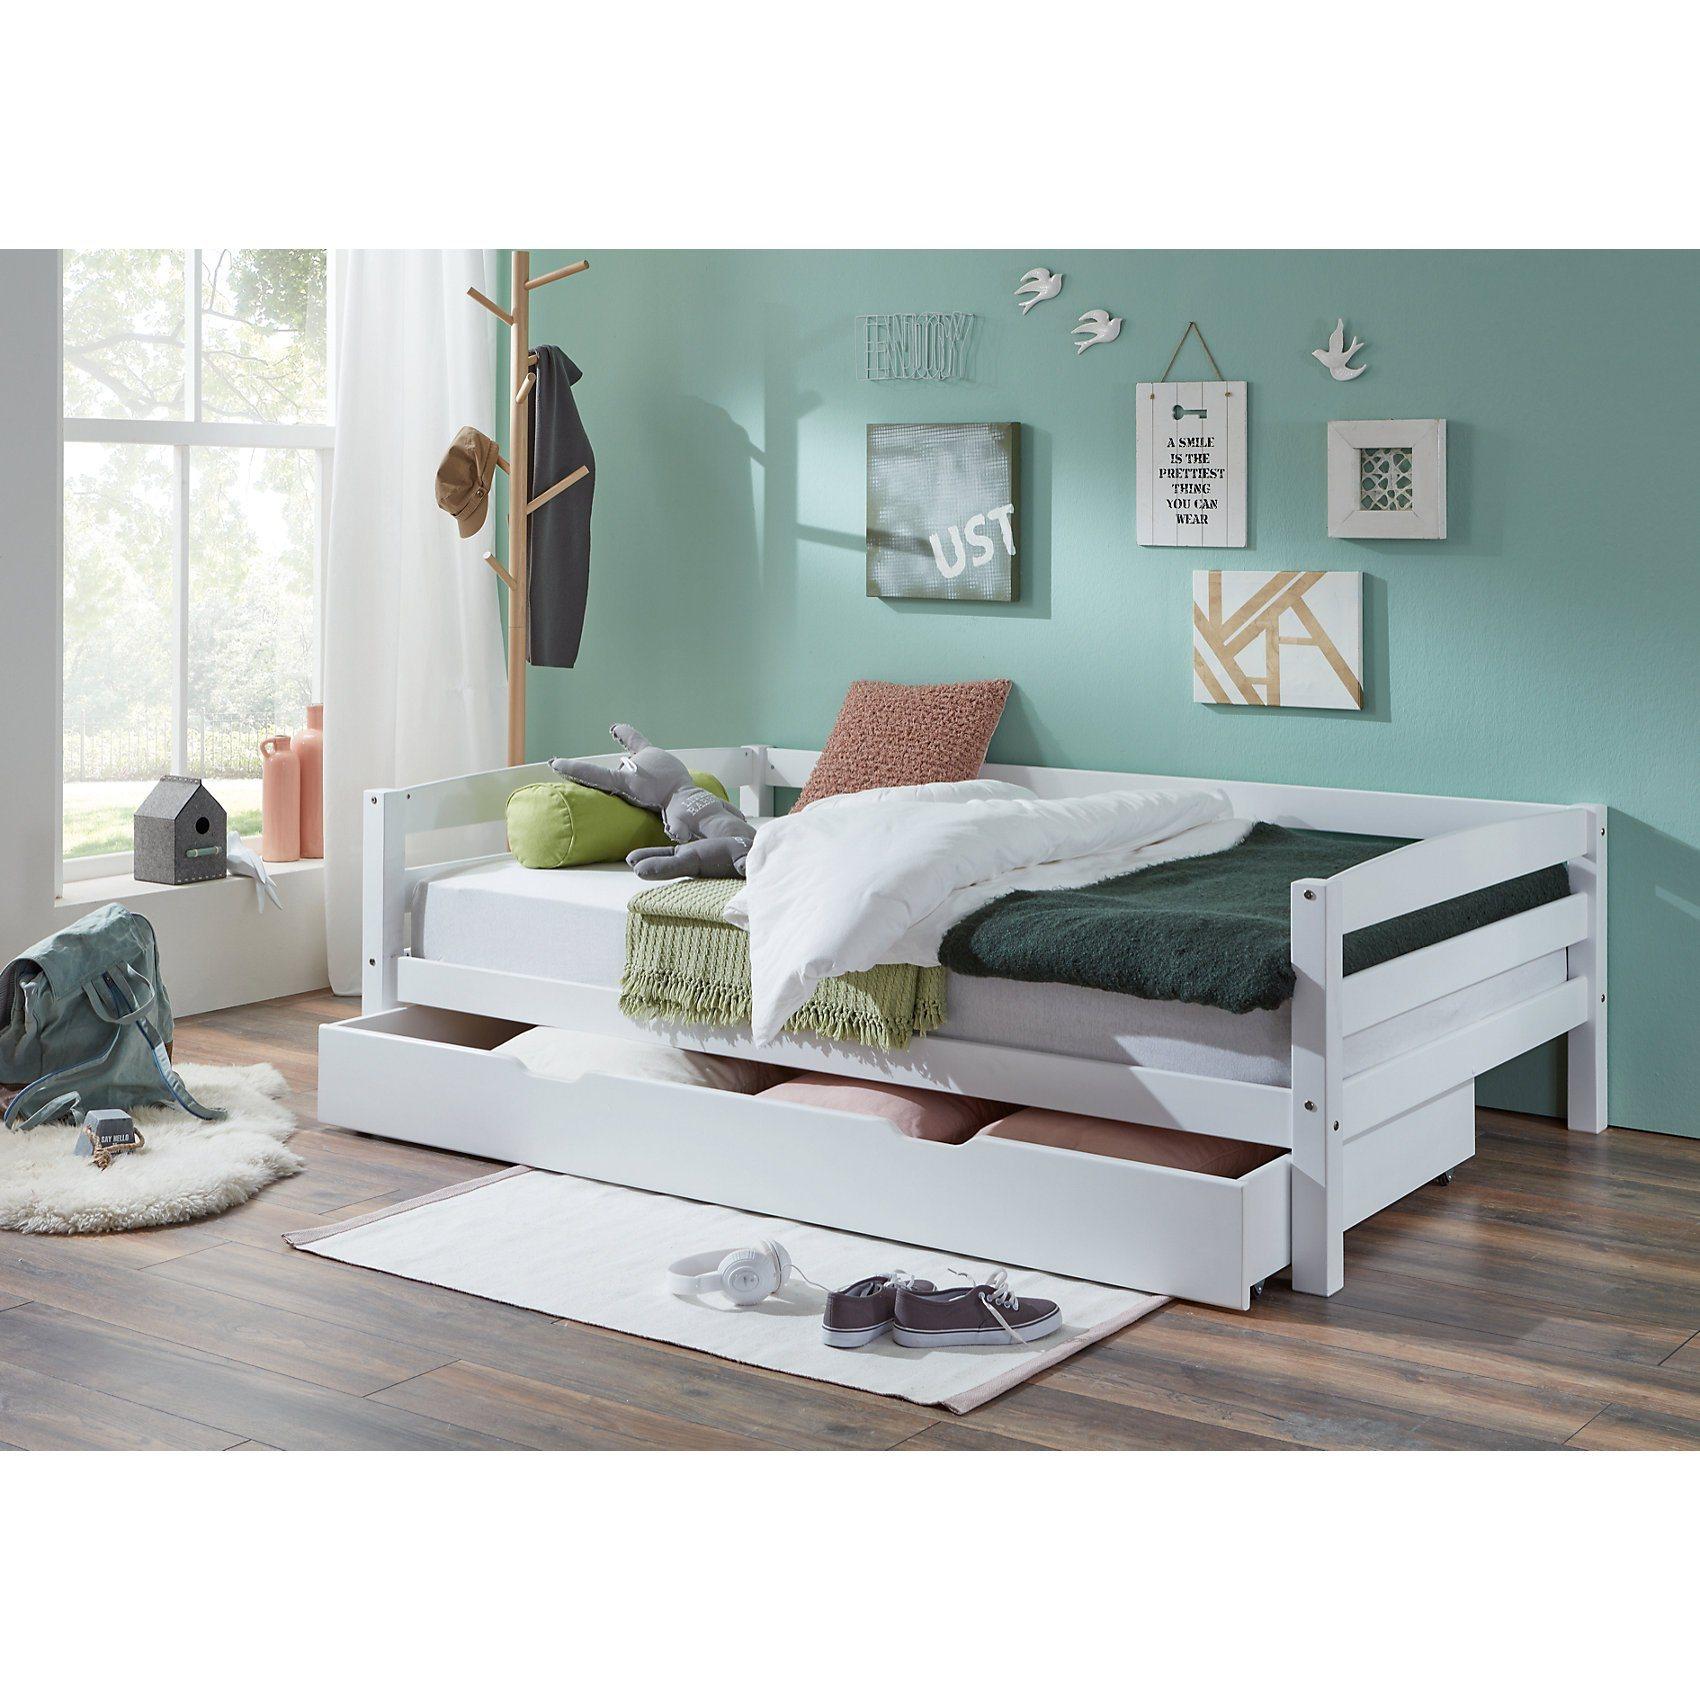 Full Size of Bett 90x190 90 190 Wei Preisvergleich Besten Angebote Online Kaufen Betten Bei Ikea Mit Stauraum 180x200 Rückenlehne Amerikanisches Bettkasten Schubladen Bett Bett 90x190